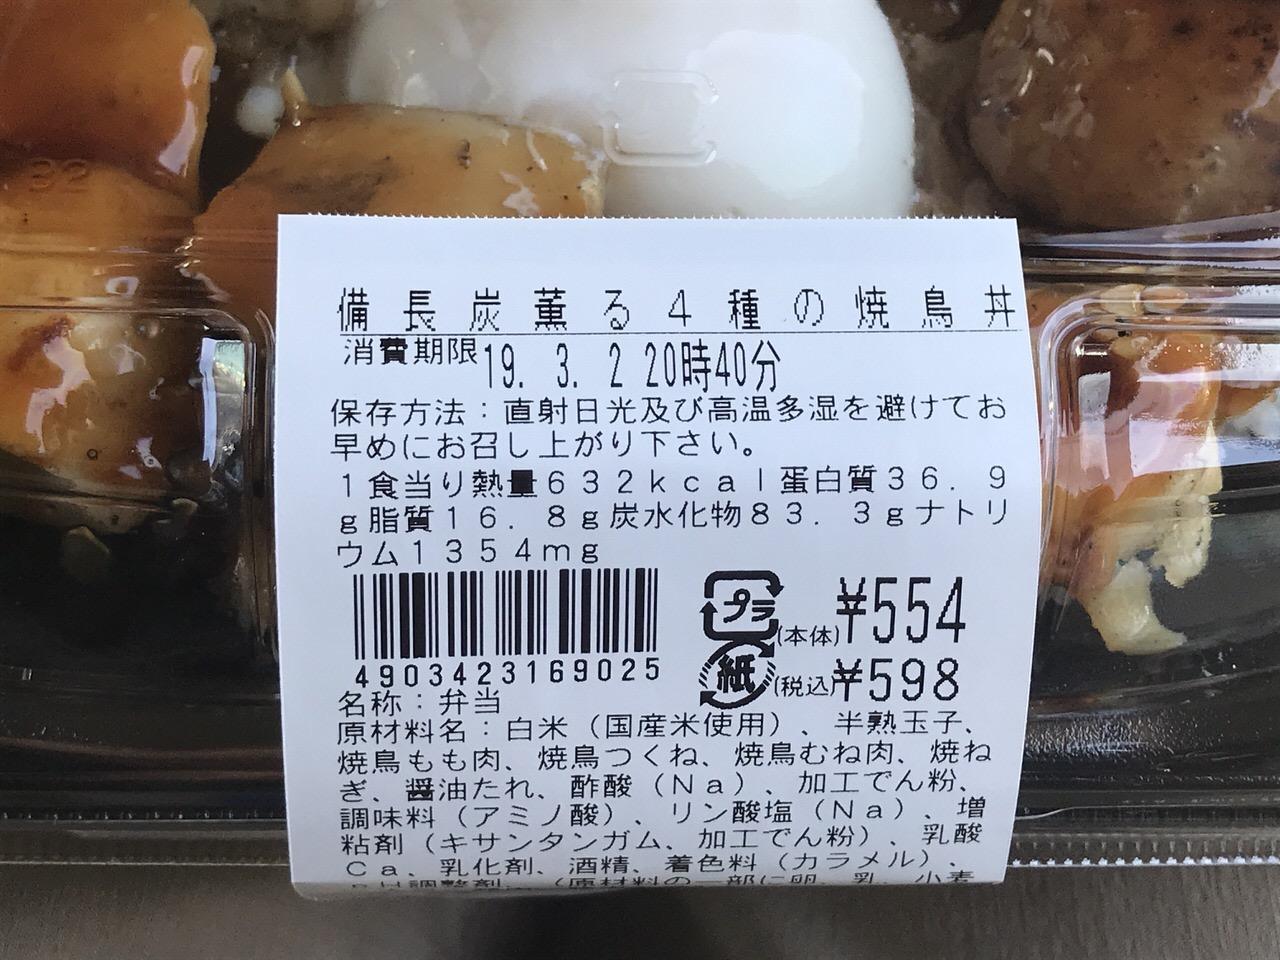 【ローソン】まちかど厨房「備長炭薫る4種の焼鳥丼」01